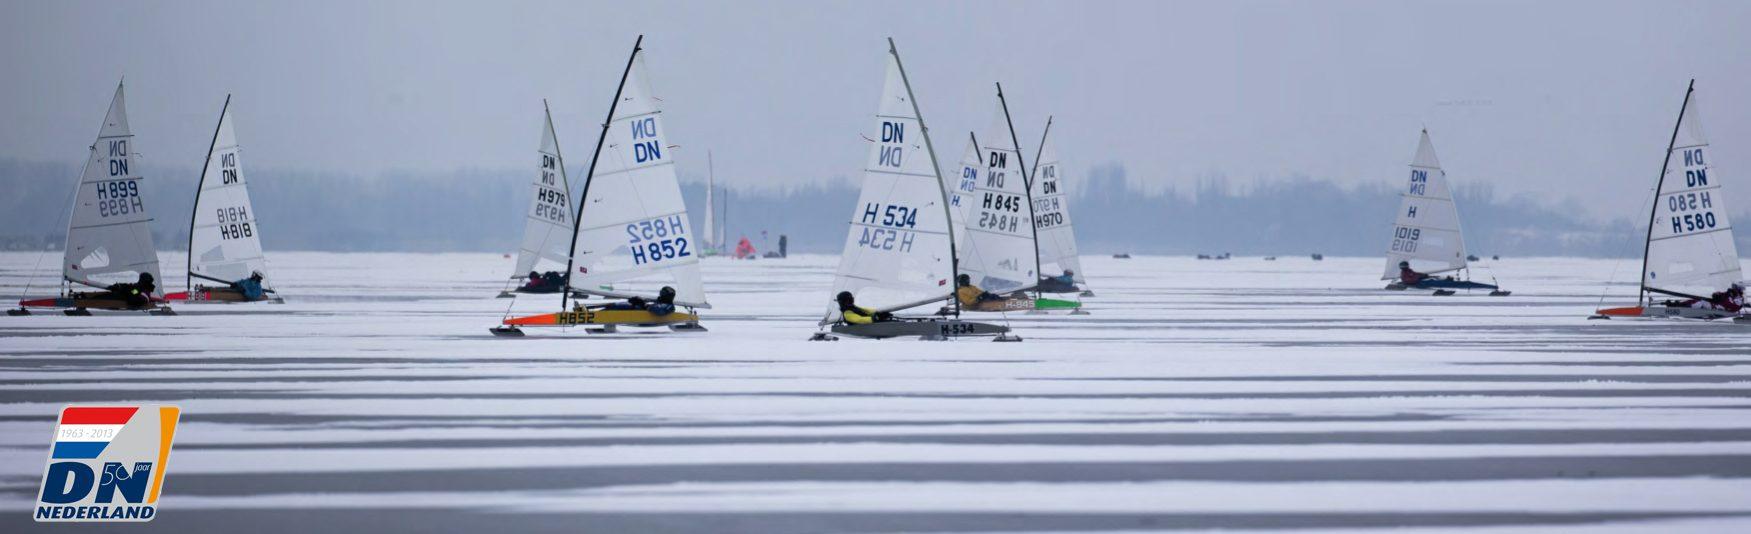 DN Nederland ijszeilvereniging